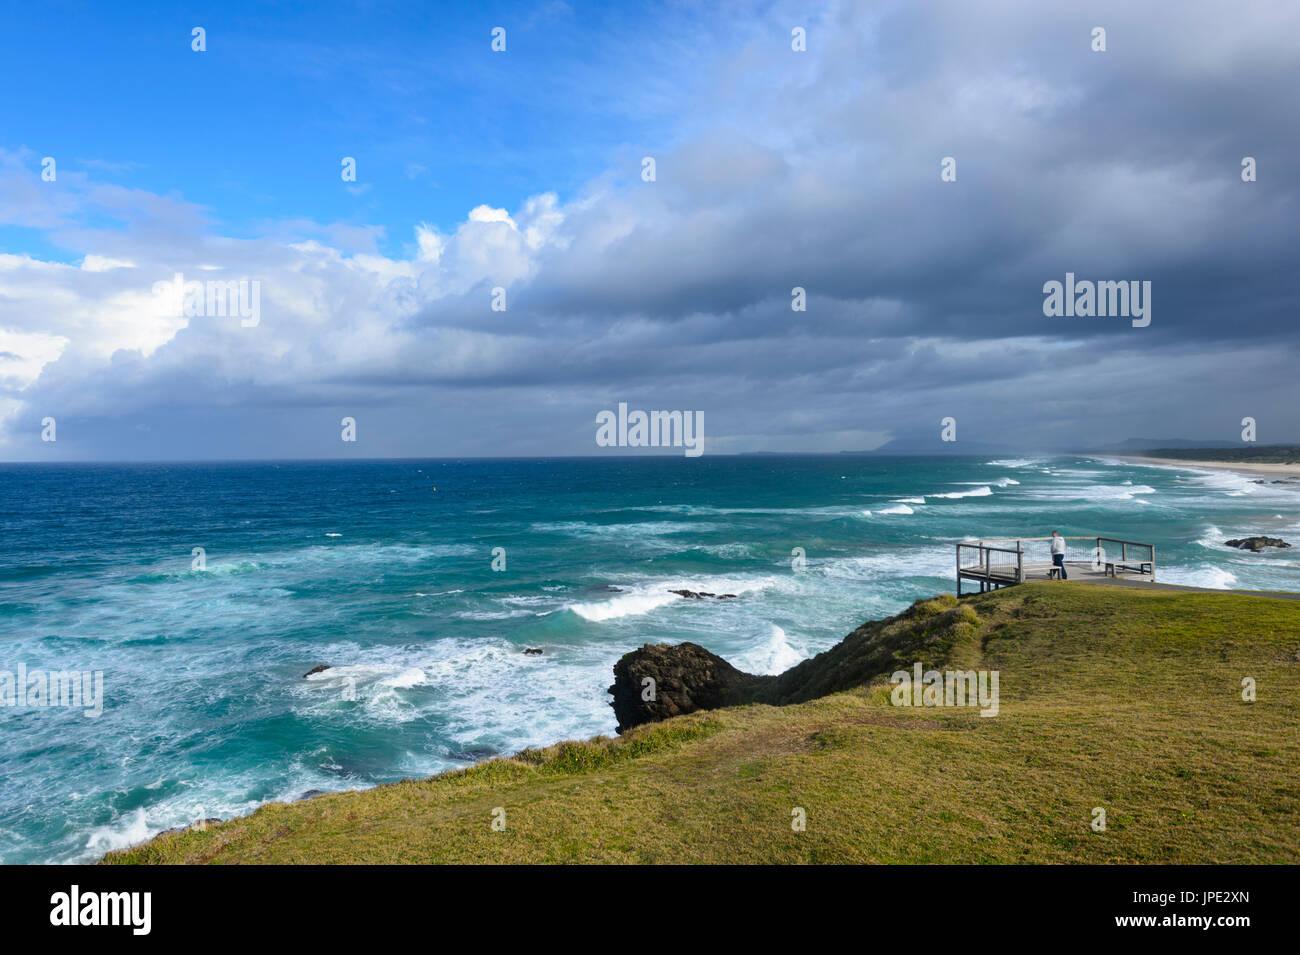 Vista desde el punto de virada, Port Macquarie, Nueva Gales del Sur (NSW, Australia Imagen De Stock